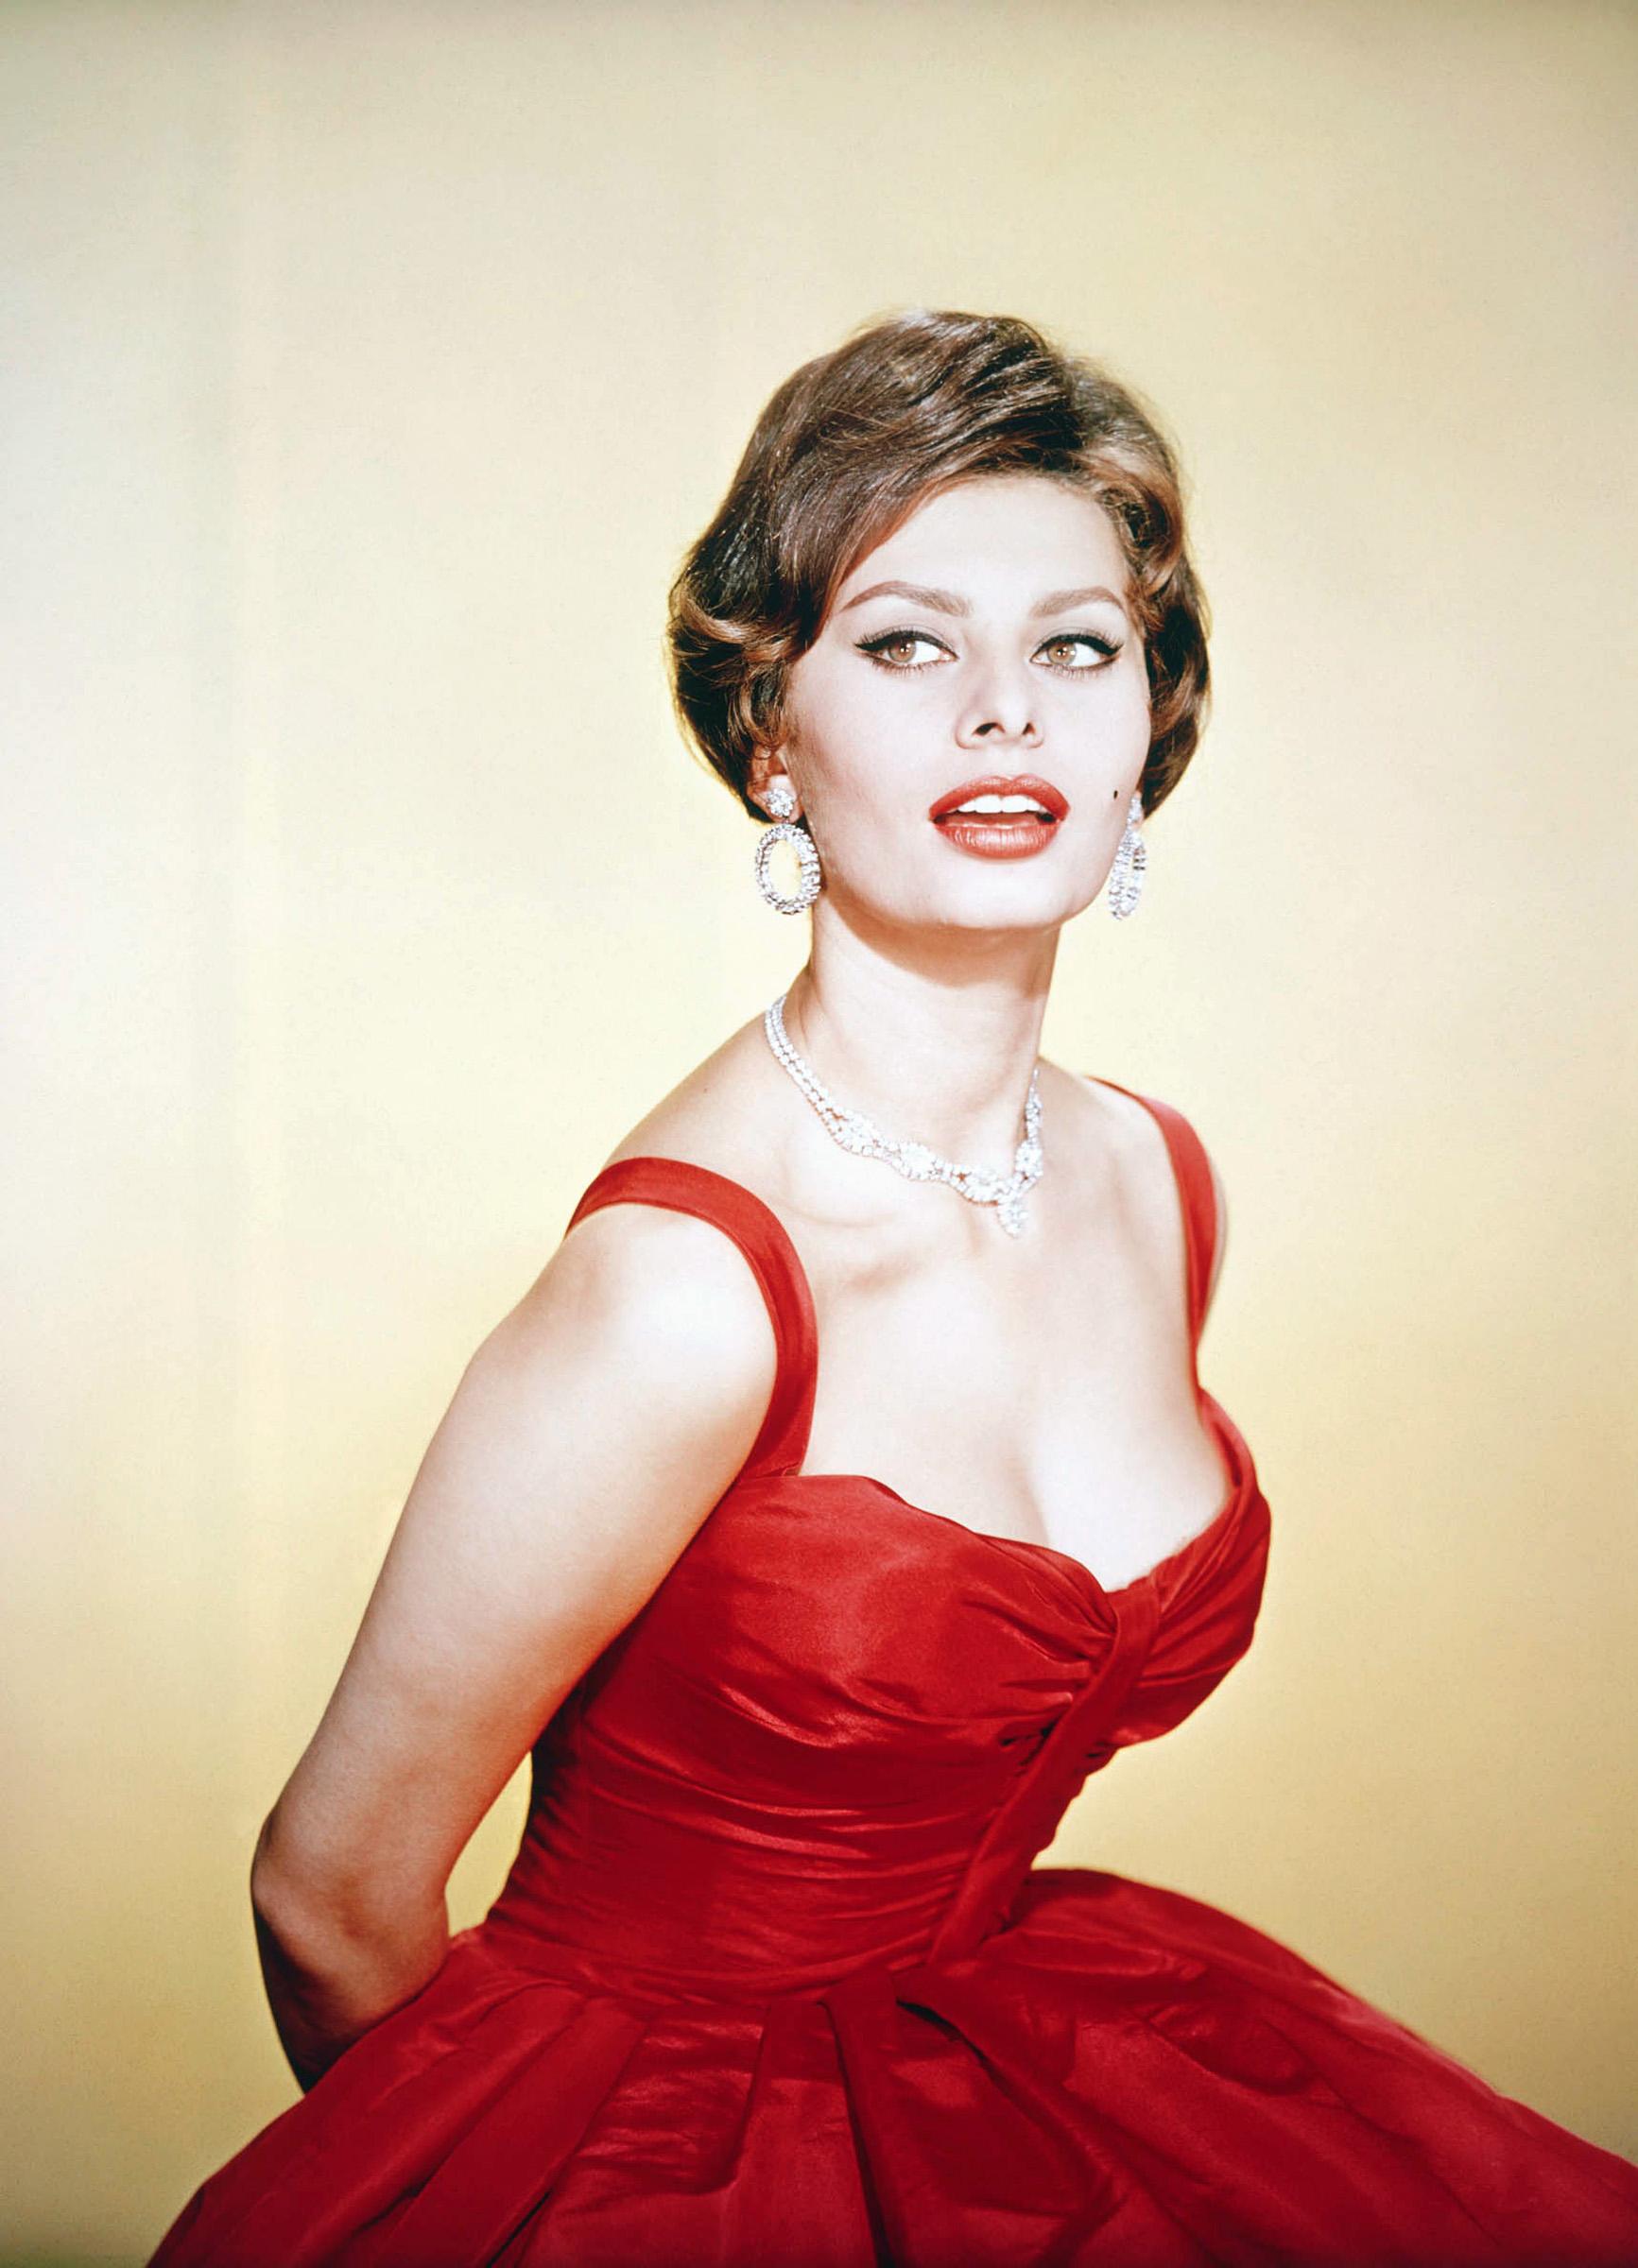 Sophia Loren Net Worth